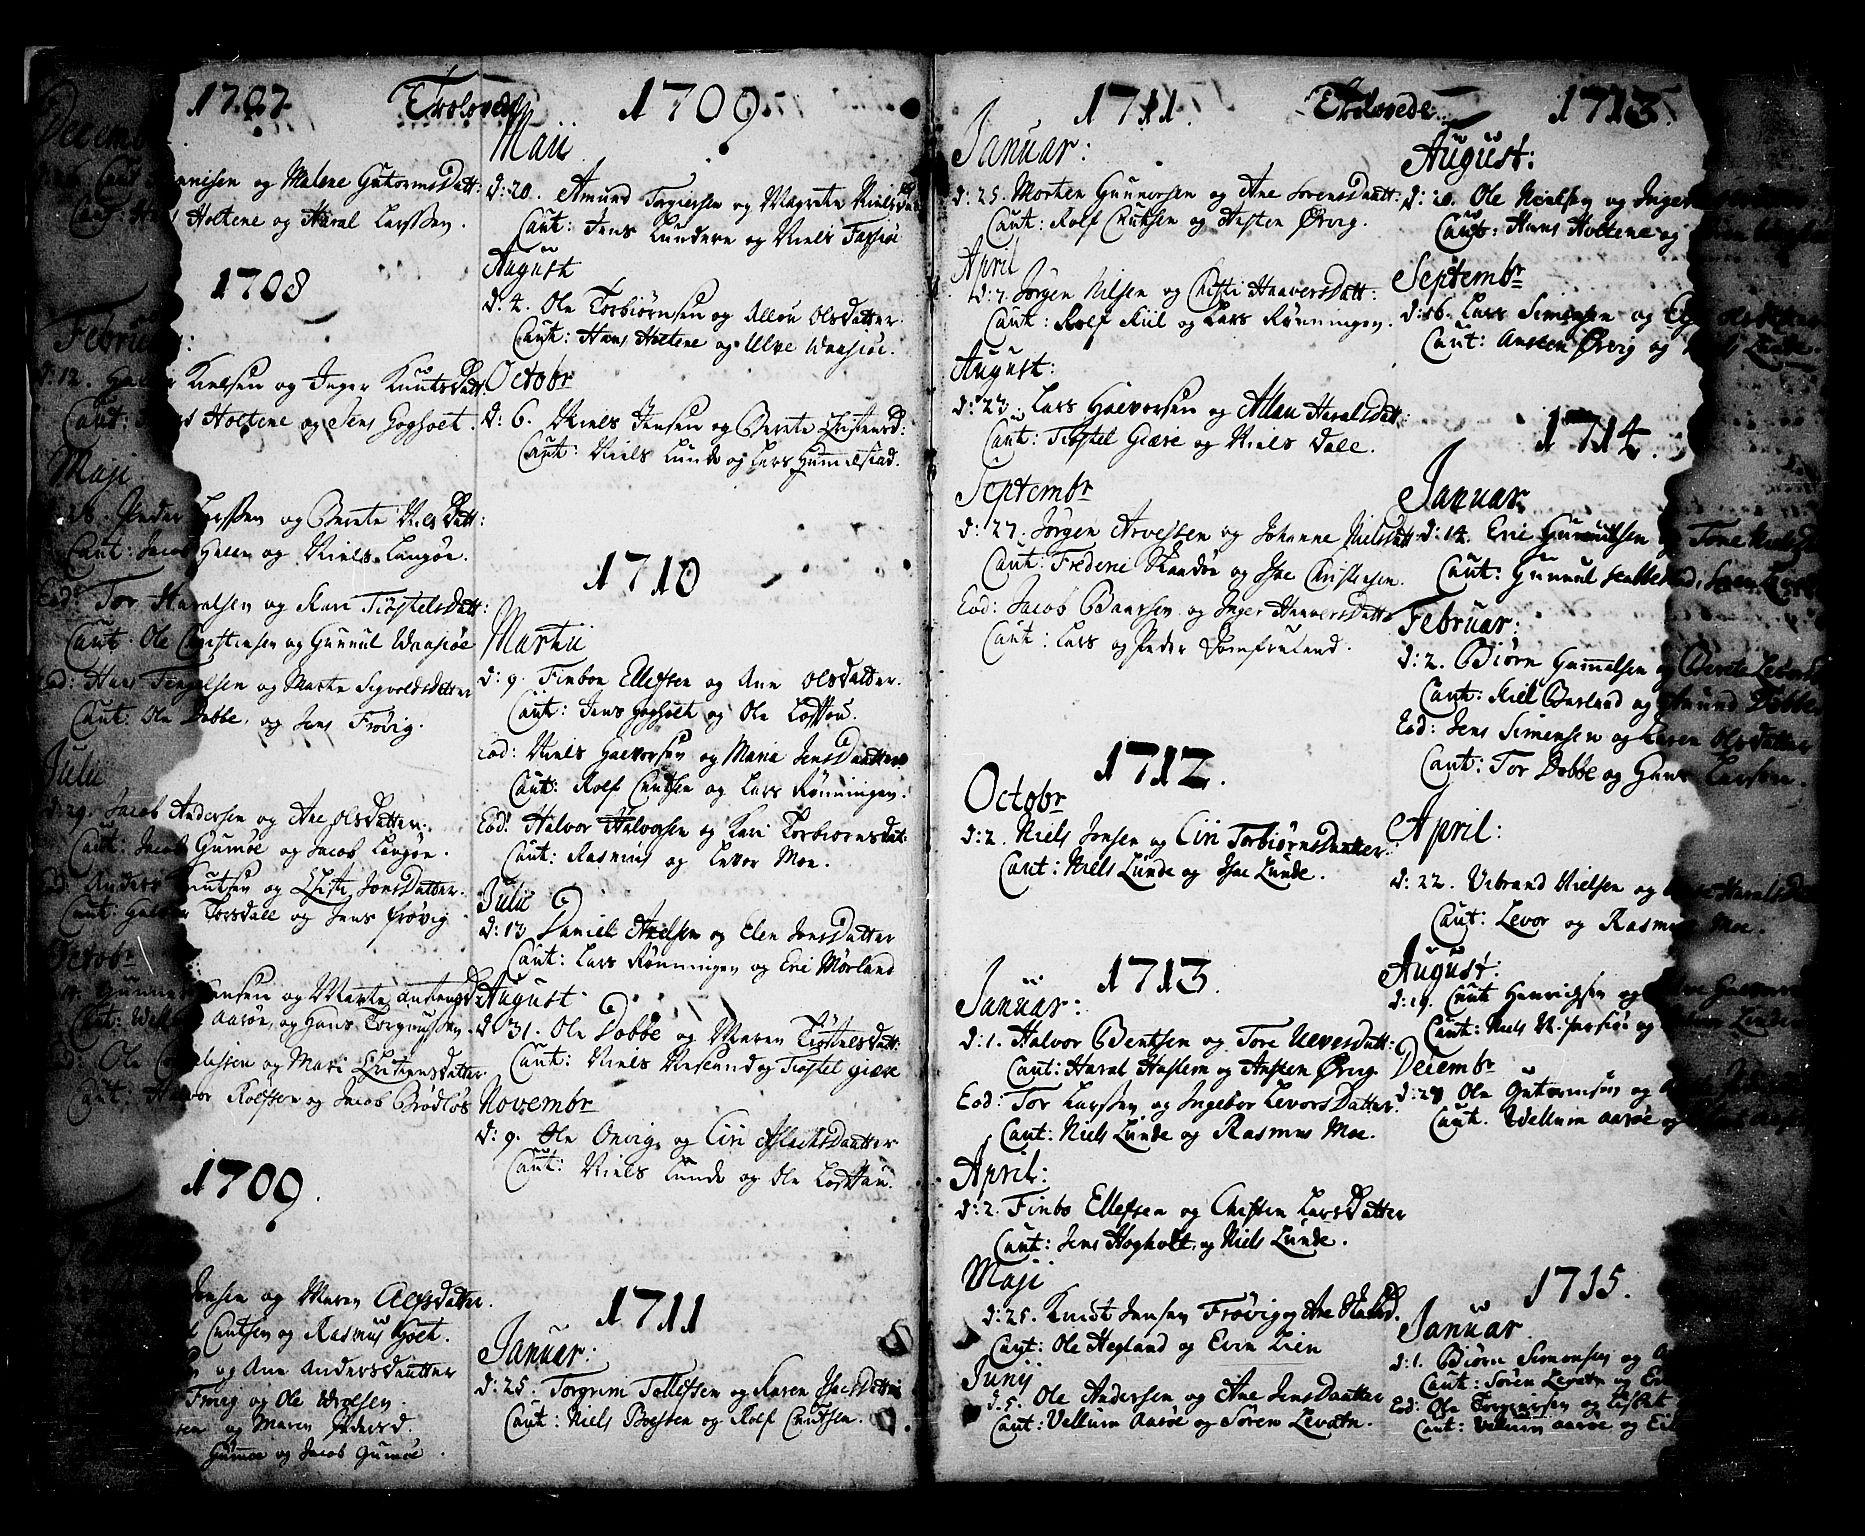 SAKO, Sannidal kirkebøker, F/Fa/L0001: Ministerialbok nr. 1, 1702-1766, s. 2-3